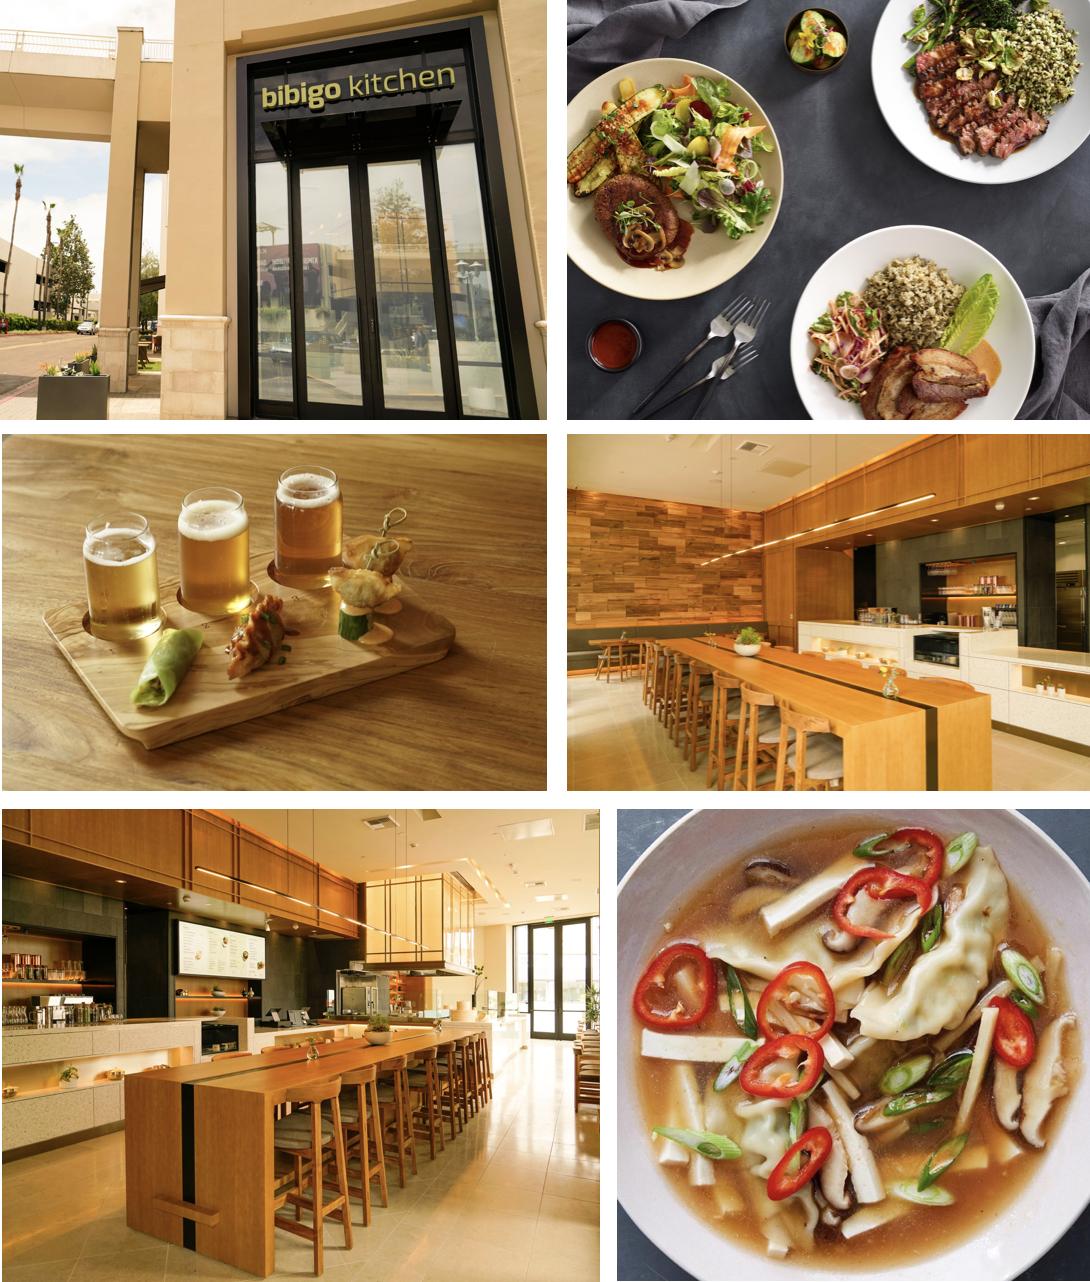 SanDiegoVille: Korean Chain Bibigo Kitchen To Open In San